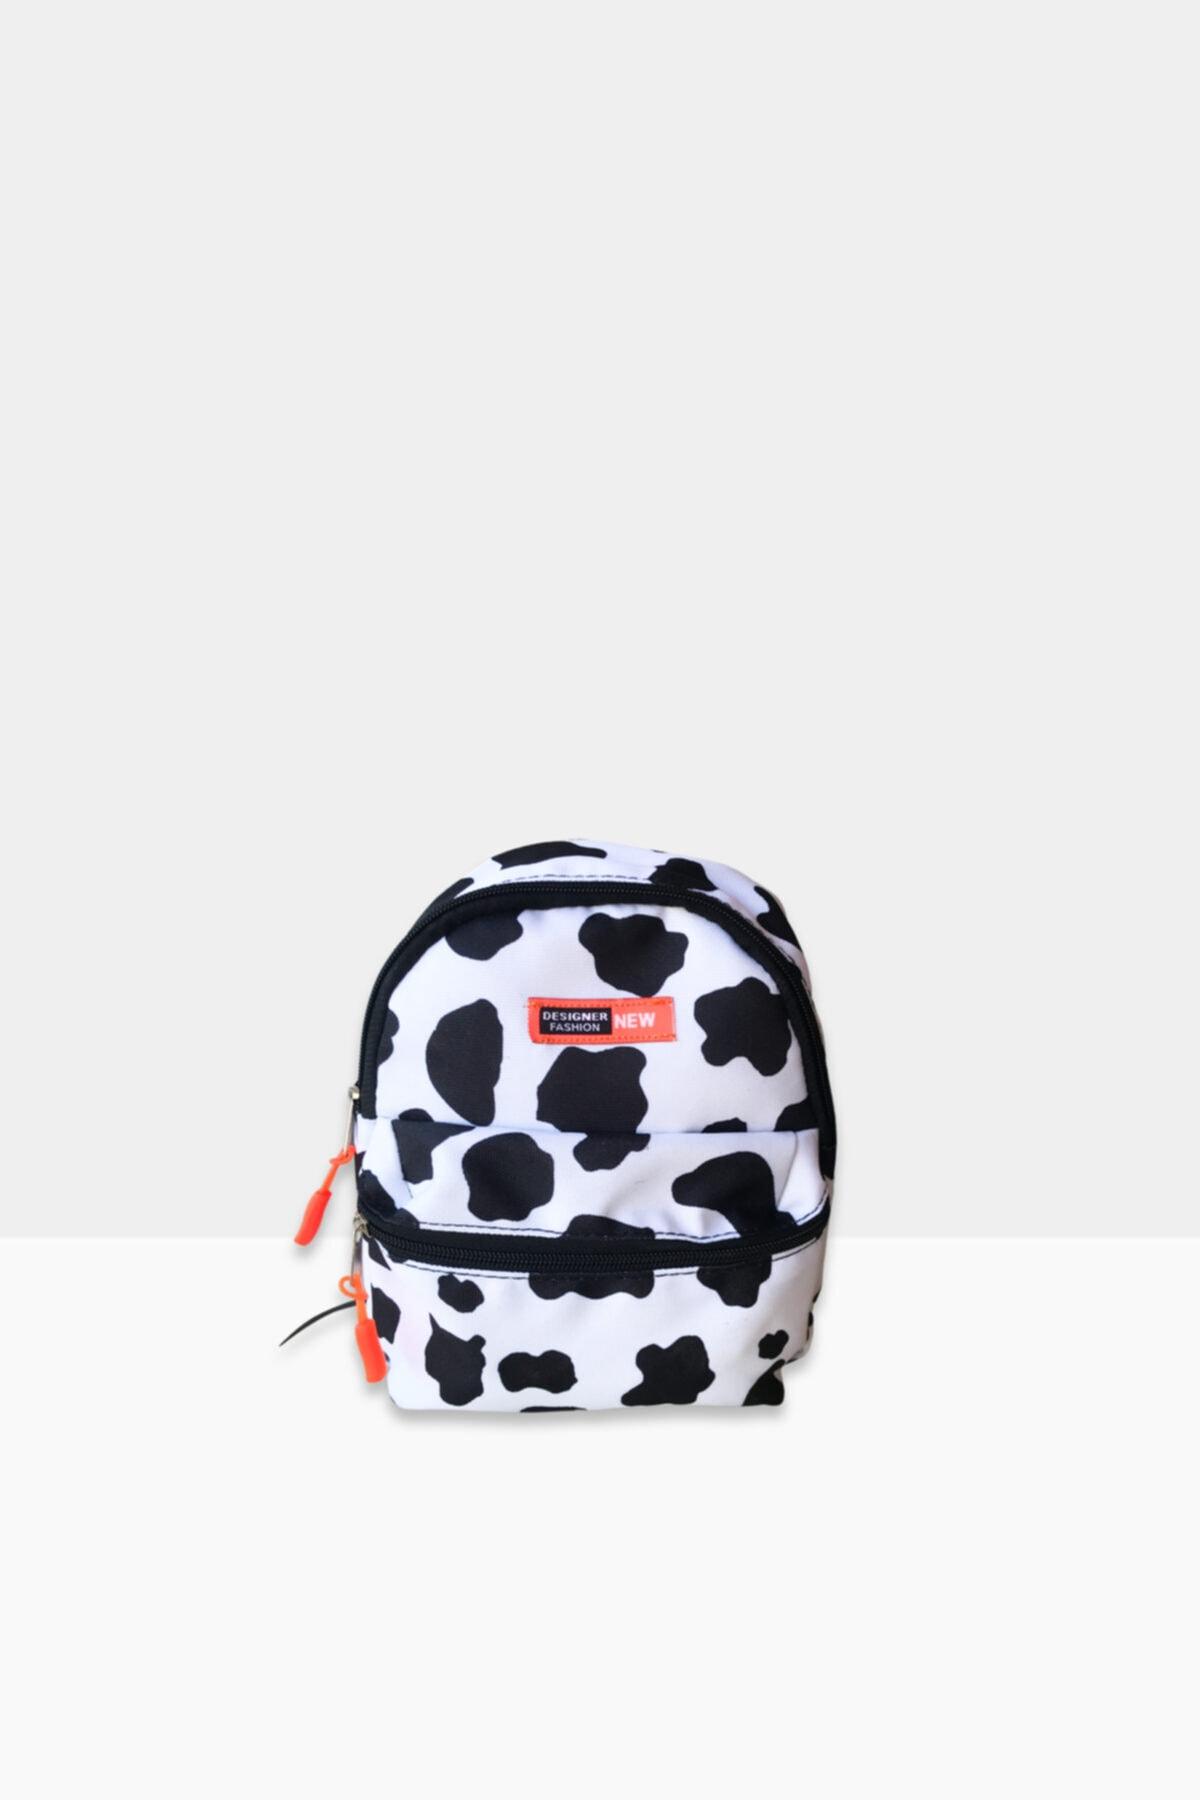 فروش اینترنتی کوله پشتی زنانه با قیمت برند Defnella رنگ مشکی کد ty115496723